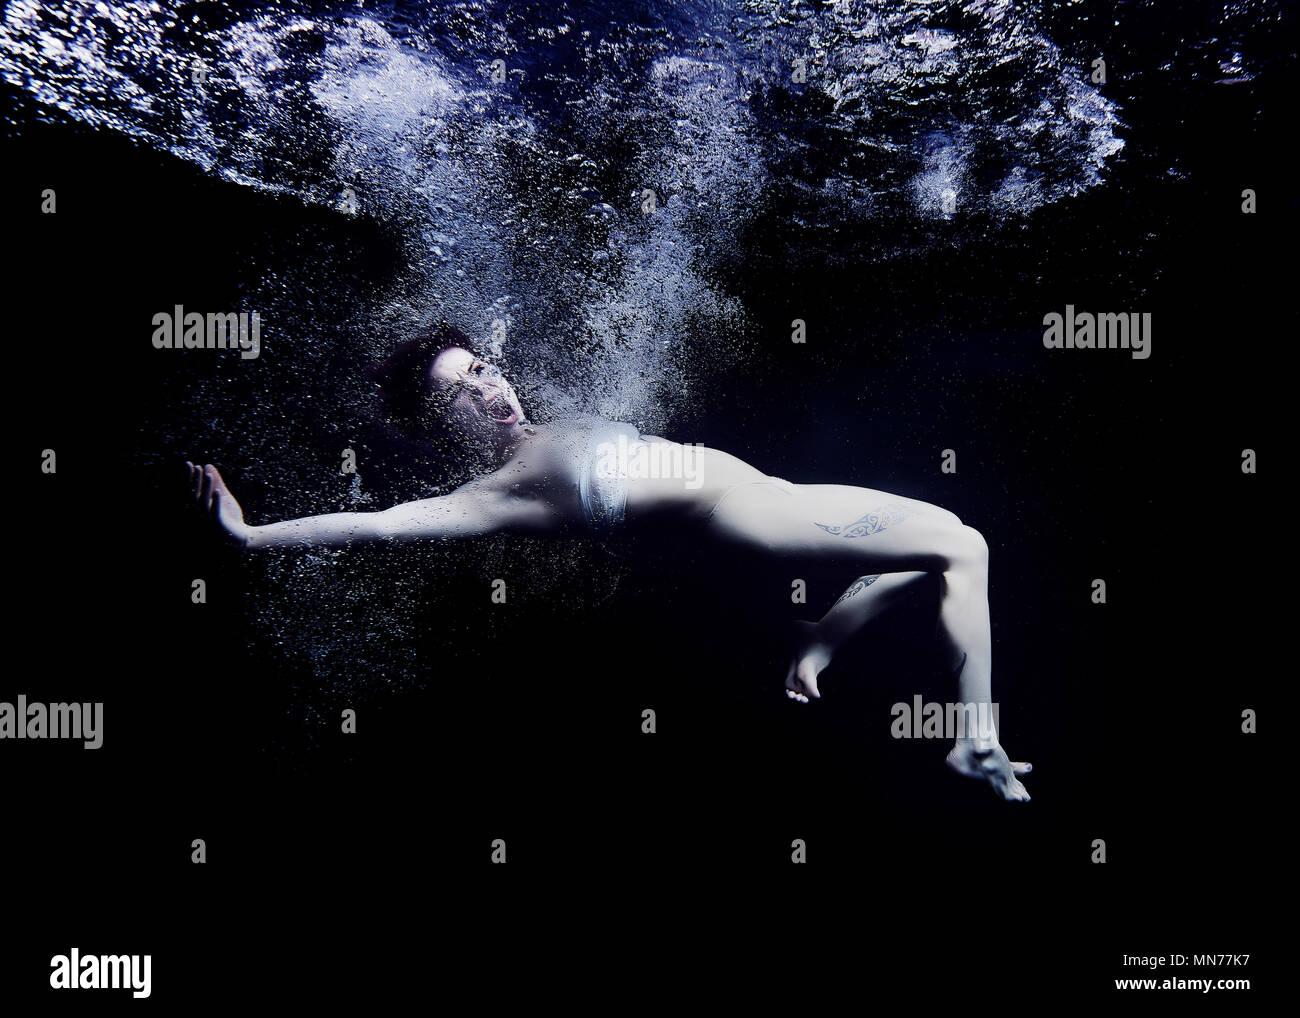 Sumergido en un mar de depresión Imagen De Stock